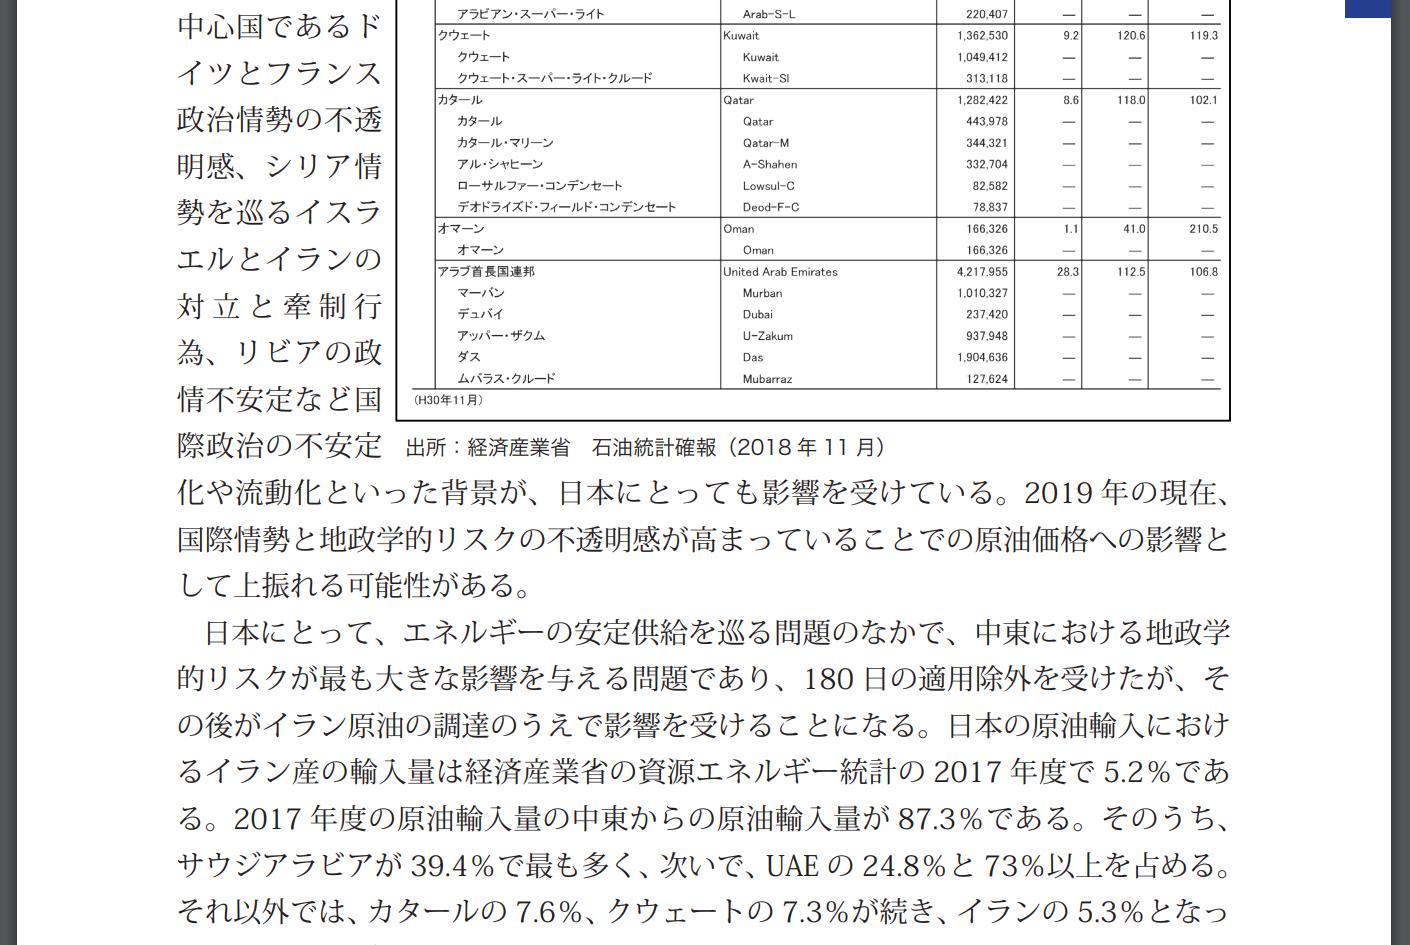 週刊オイル・リポート 2ページ